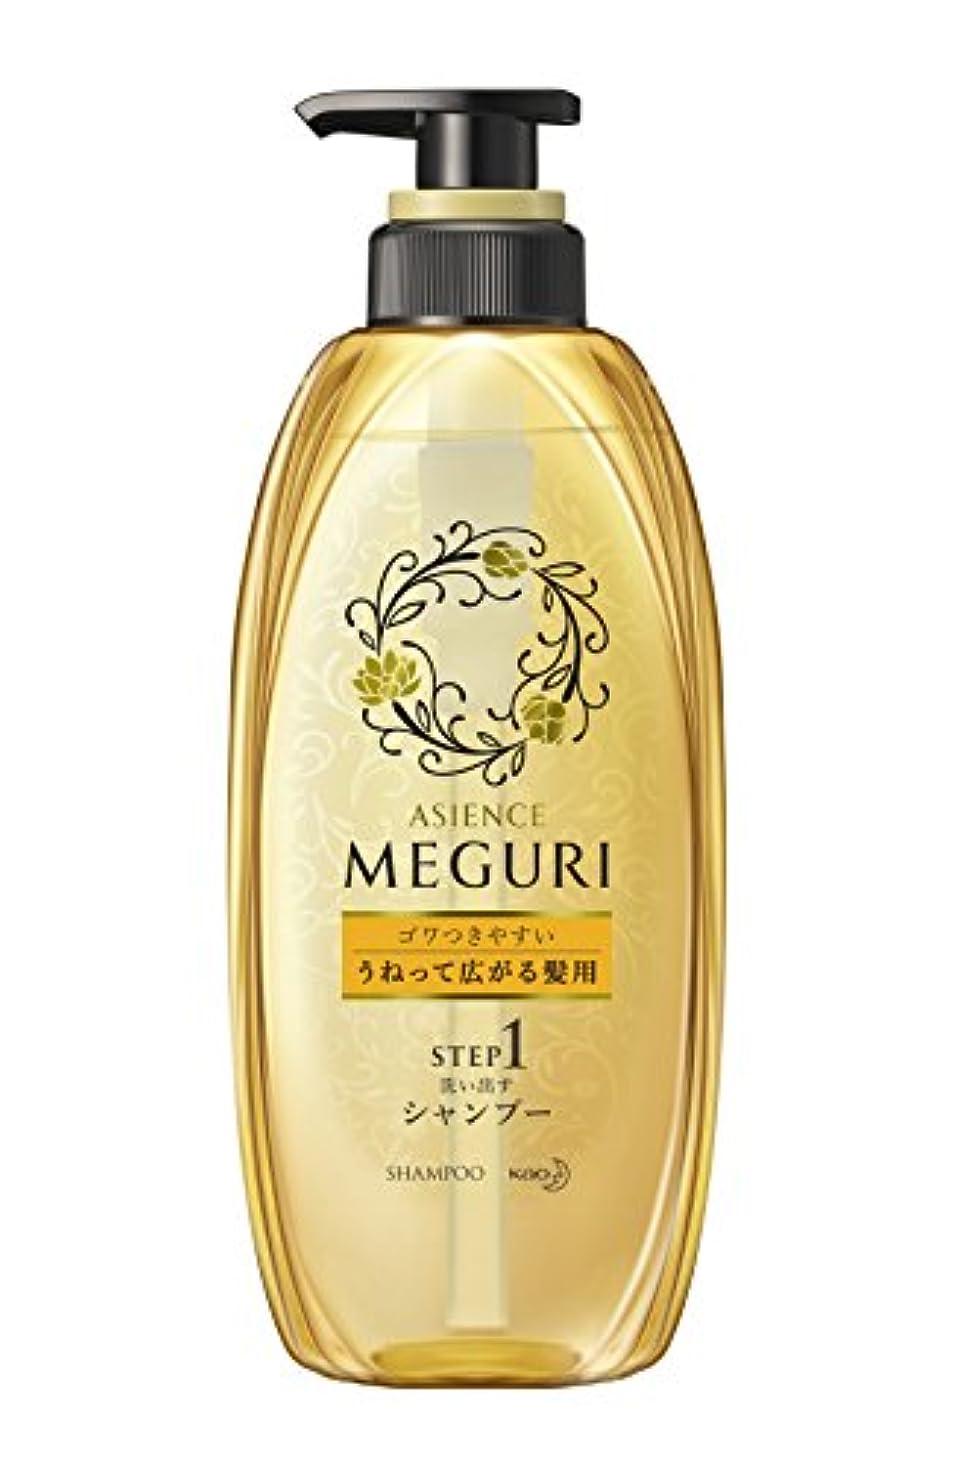 ビスケットパンダカウンタアジエンスMEGURI 洗い出すシャンプー ゴワつきやすい うねって広がる髪用 本体